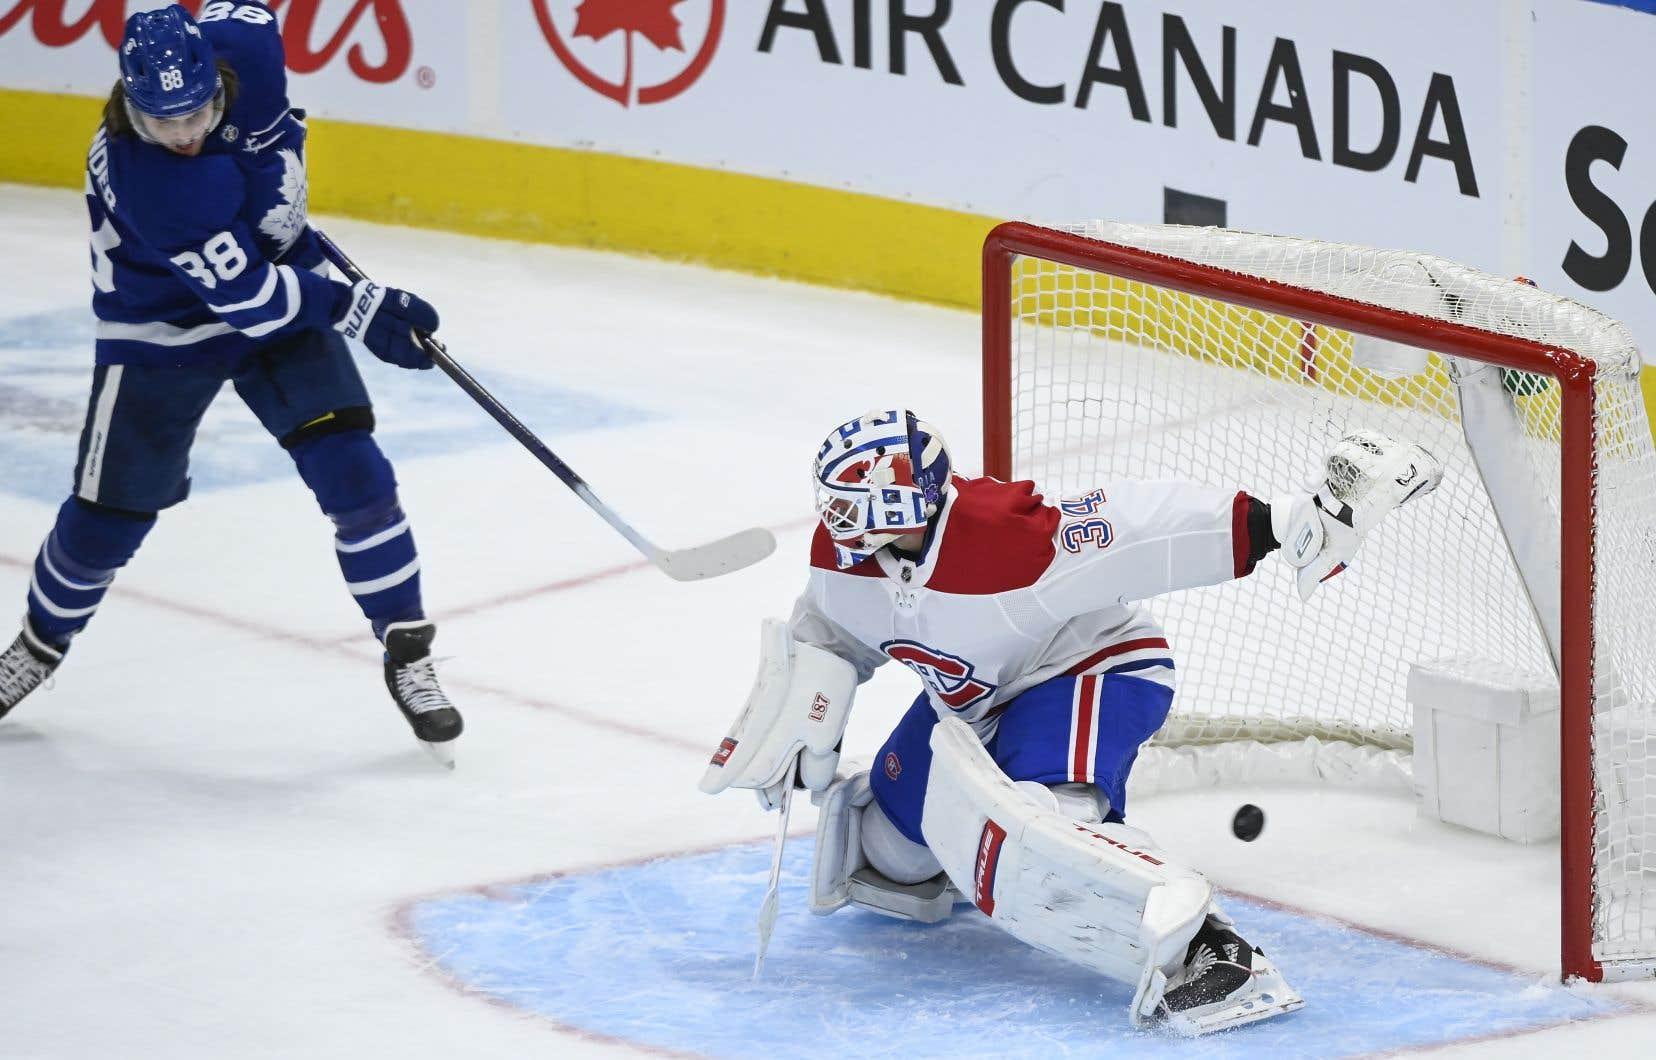 Les Maple Leafs ont créé l'égalité à 13:36 quand Nylander a complété un beau jeu amorcé par Muzzin et John Tavares.